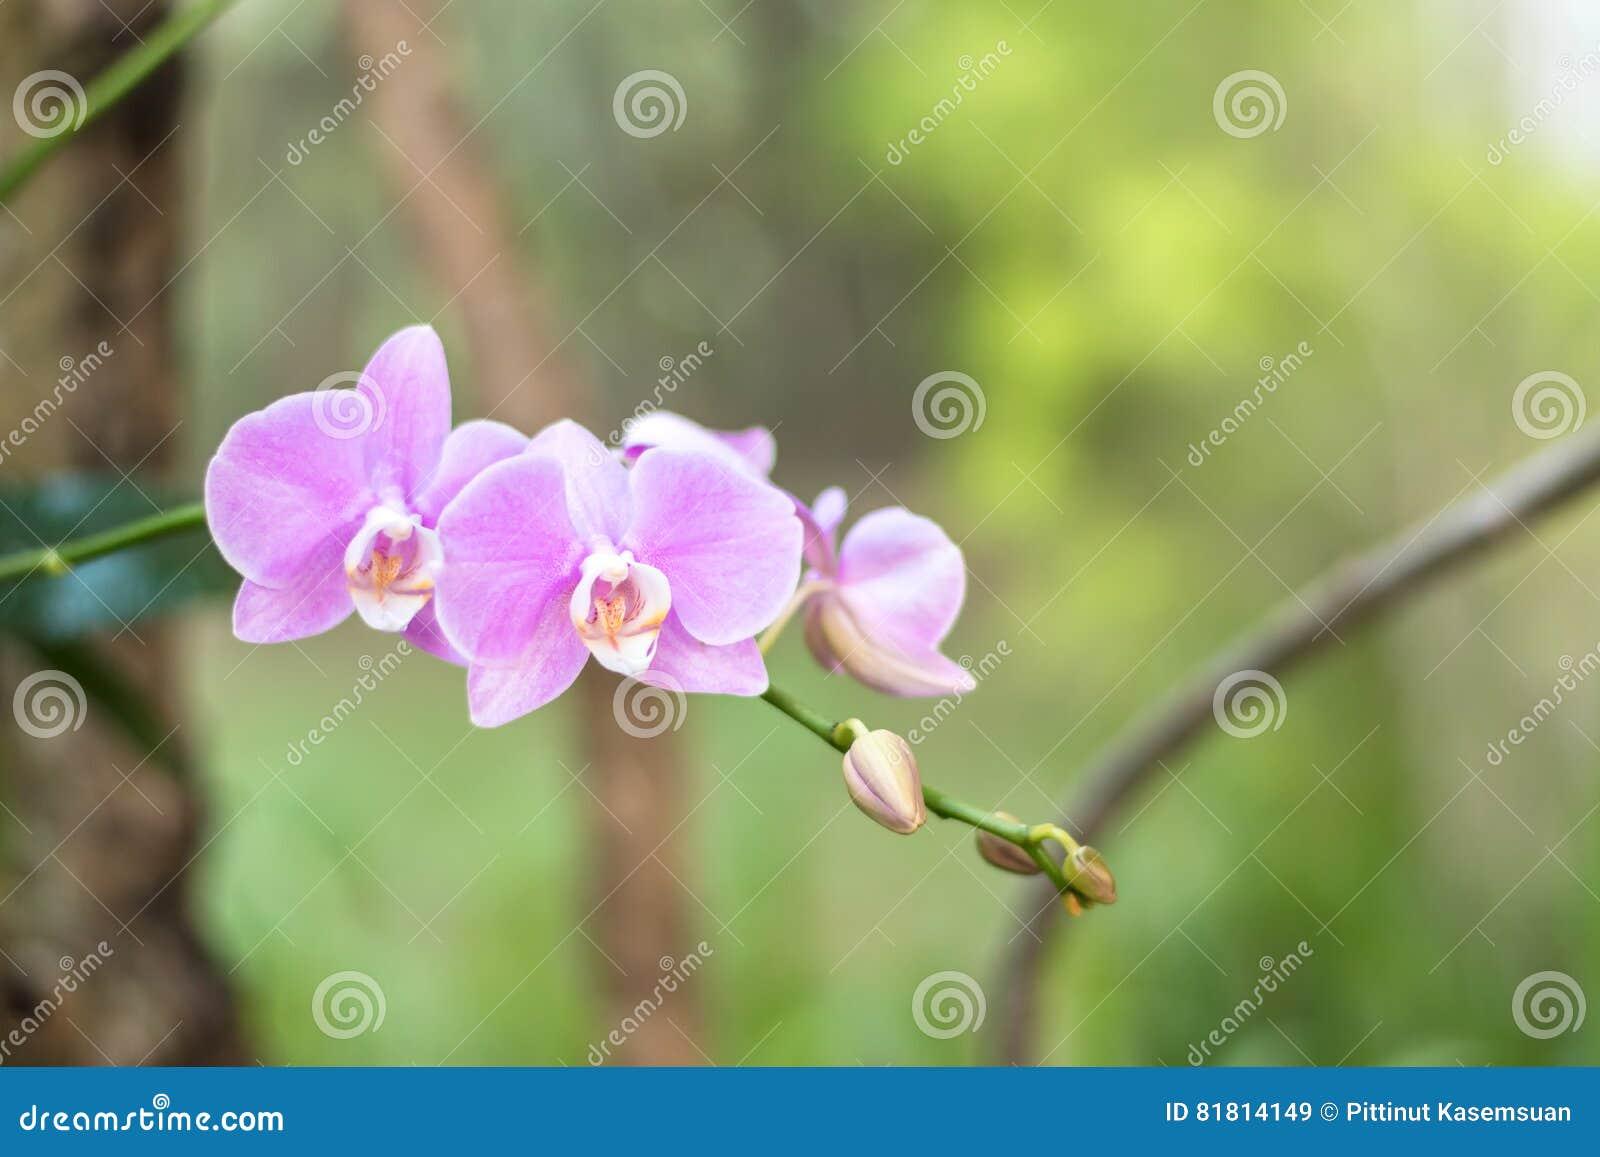 Закройте вверх по красивому белому цветку орхидеи природы